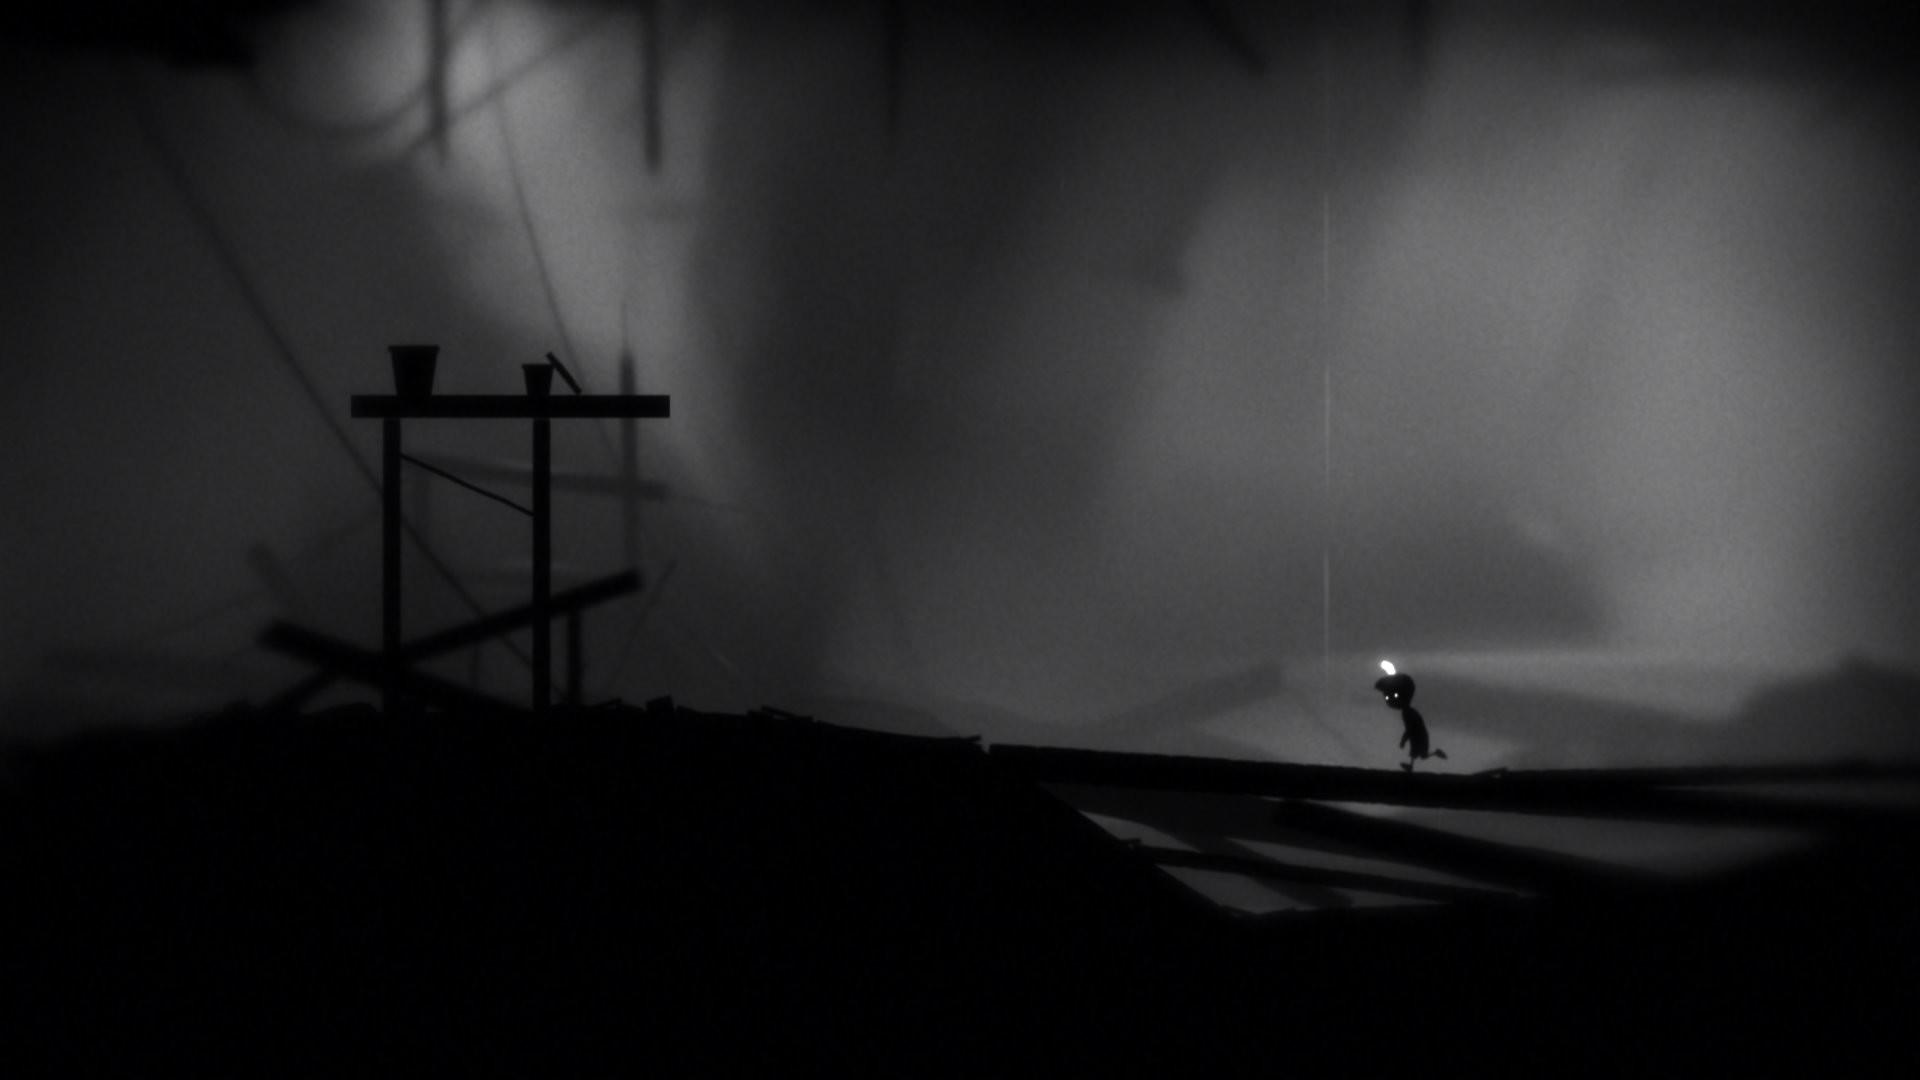 Dark Depressing Wallpaper 67 Images